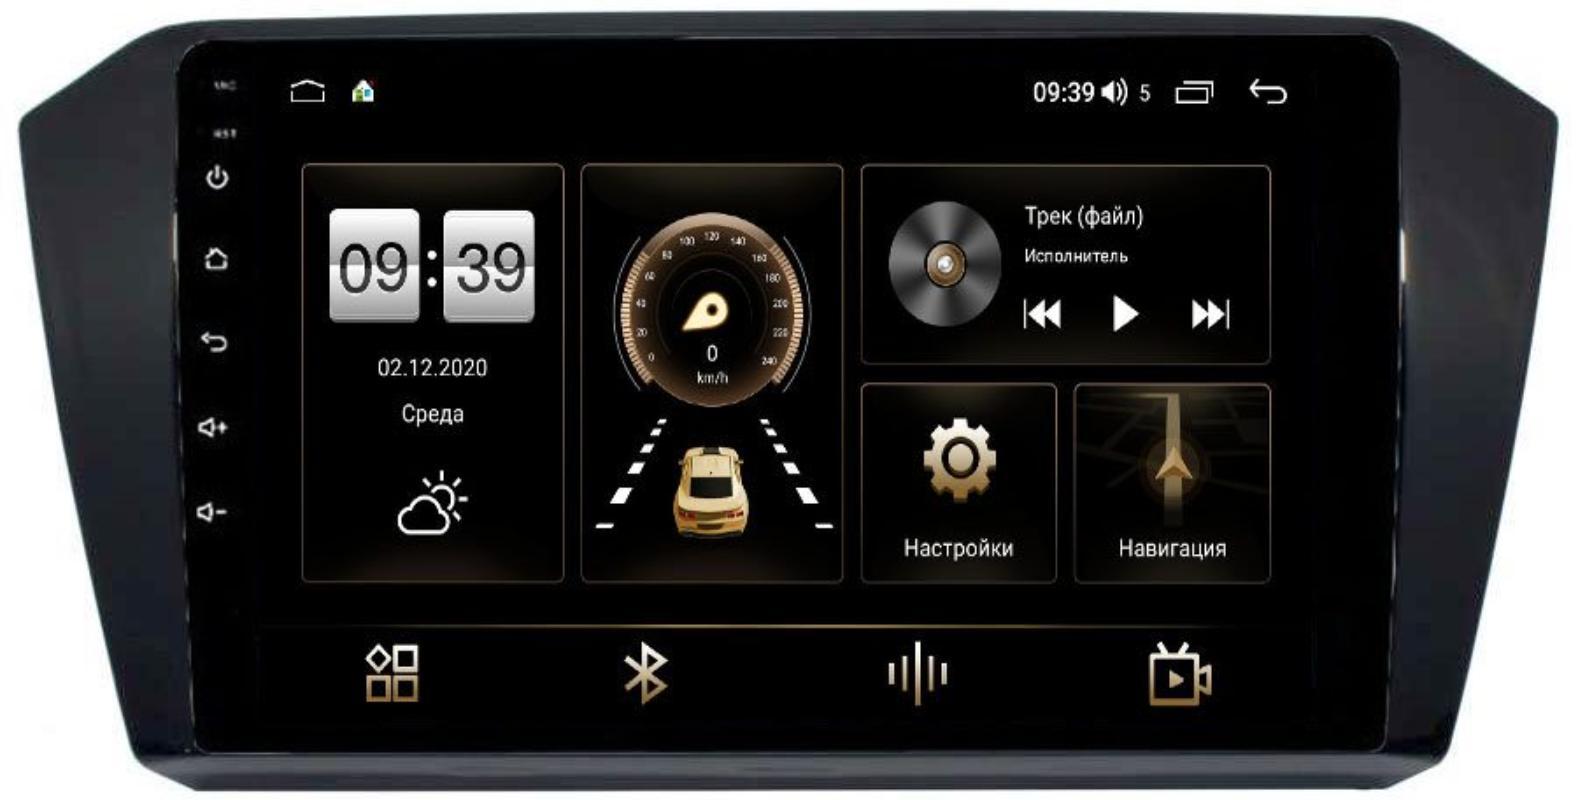 Штатная магнитола LeTrun 4165-2758 для Volkswagen Passat B8 2014-2021 на Android 10 (4G-SIM, 3/32, DSP, QLed) (+ Камера заднего вида в подарок!)